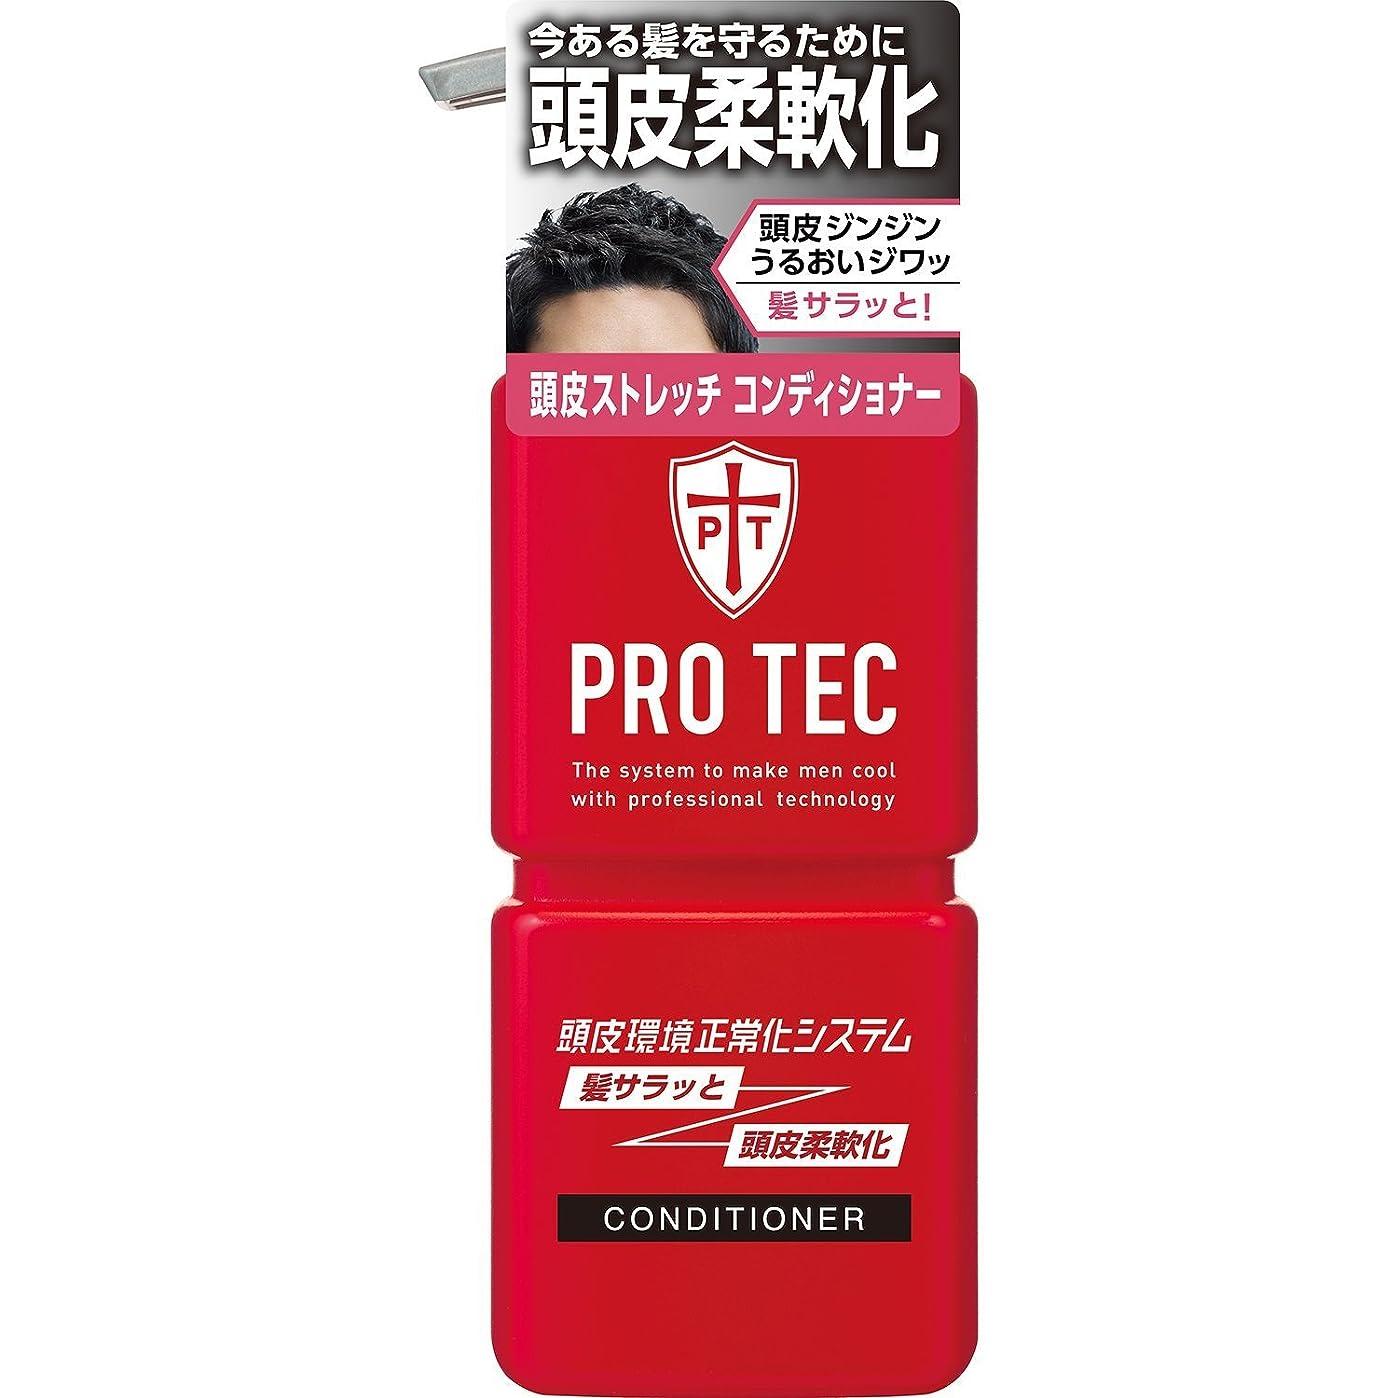 落ち着いて参照する整然としたPRO TEC(プロテク) 頭皮ストレッチコンディショナー ポンプ 300g ×10個セット